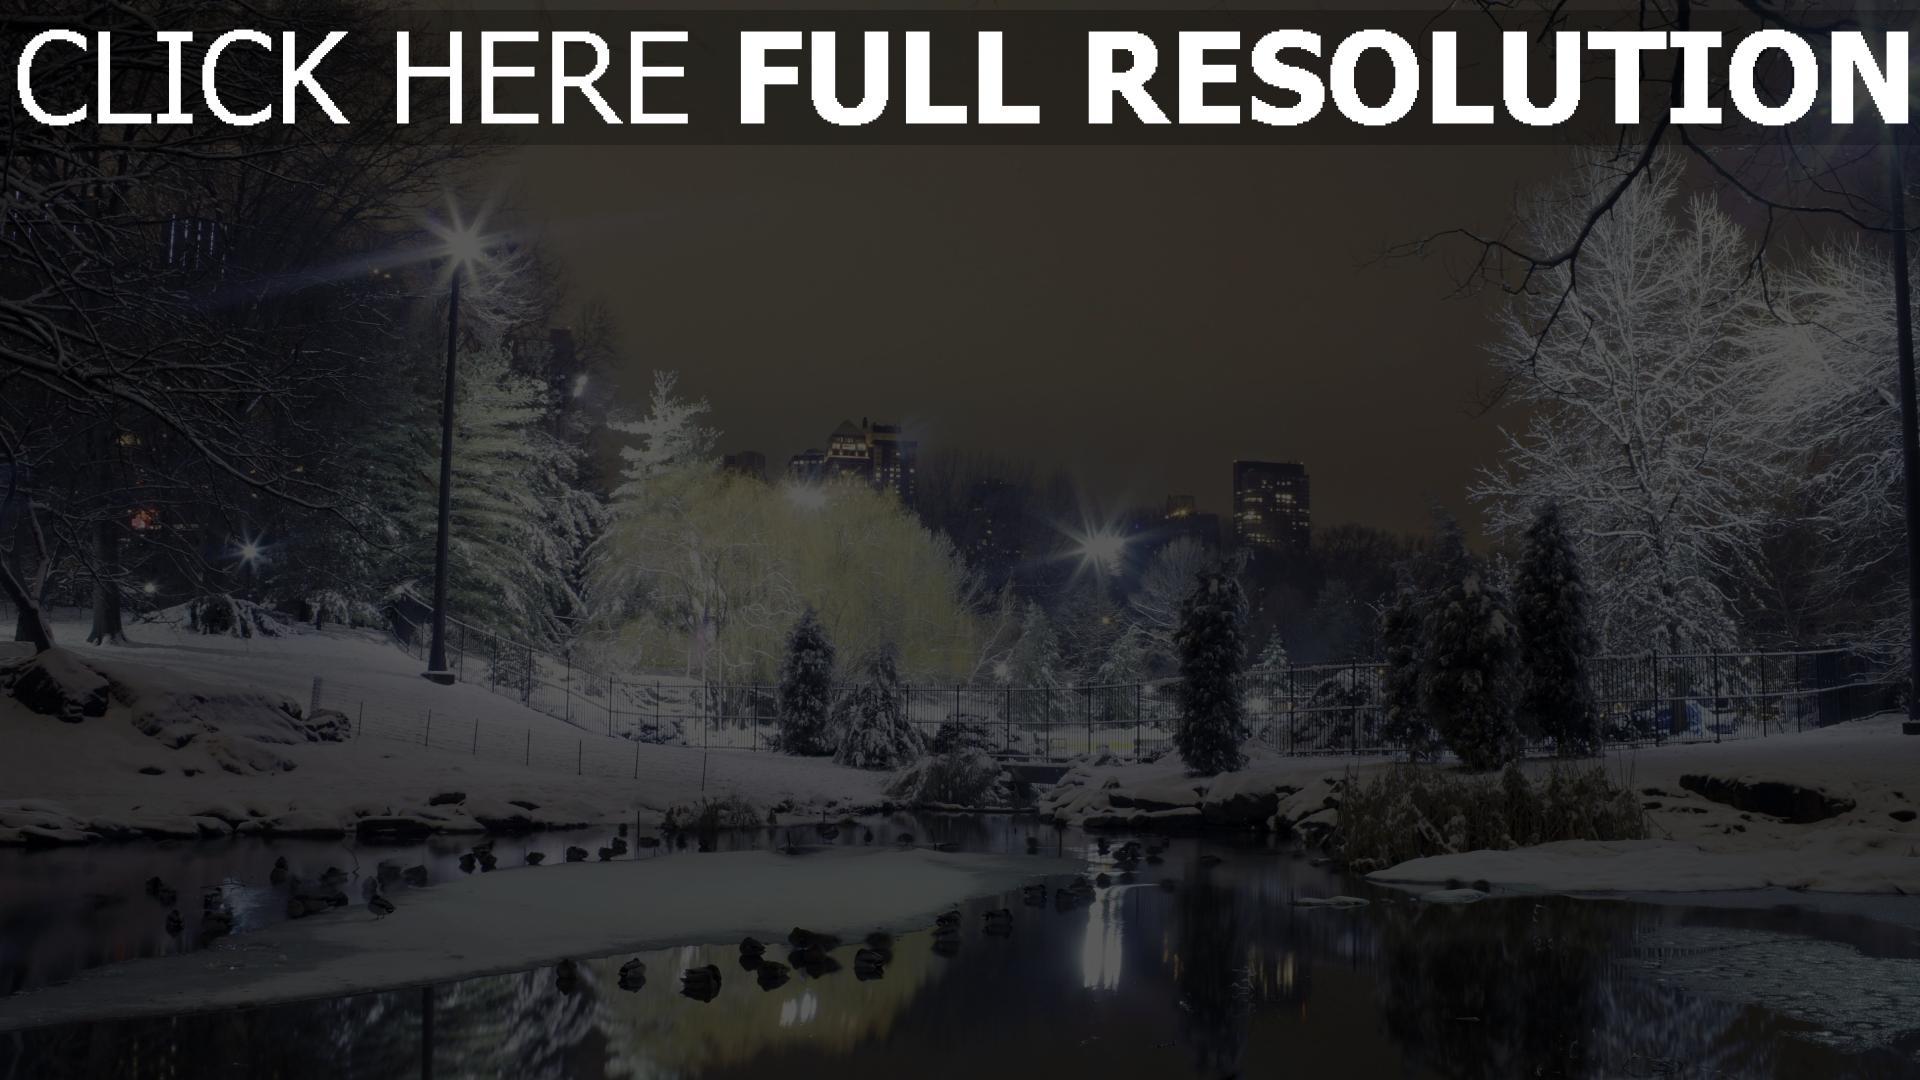 herunterladen 1920x1080 full hd hintergrundbilder park winter schnee wasser licht stadt 1080p. Black Bedroom Furniture Sets. Home Design Ideas